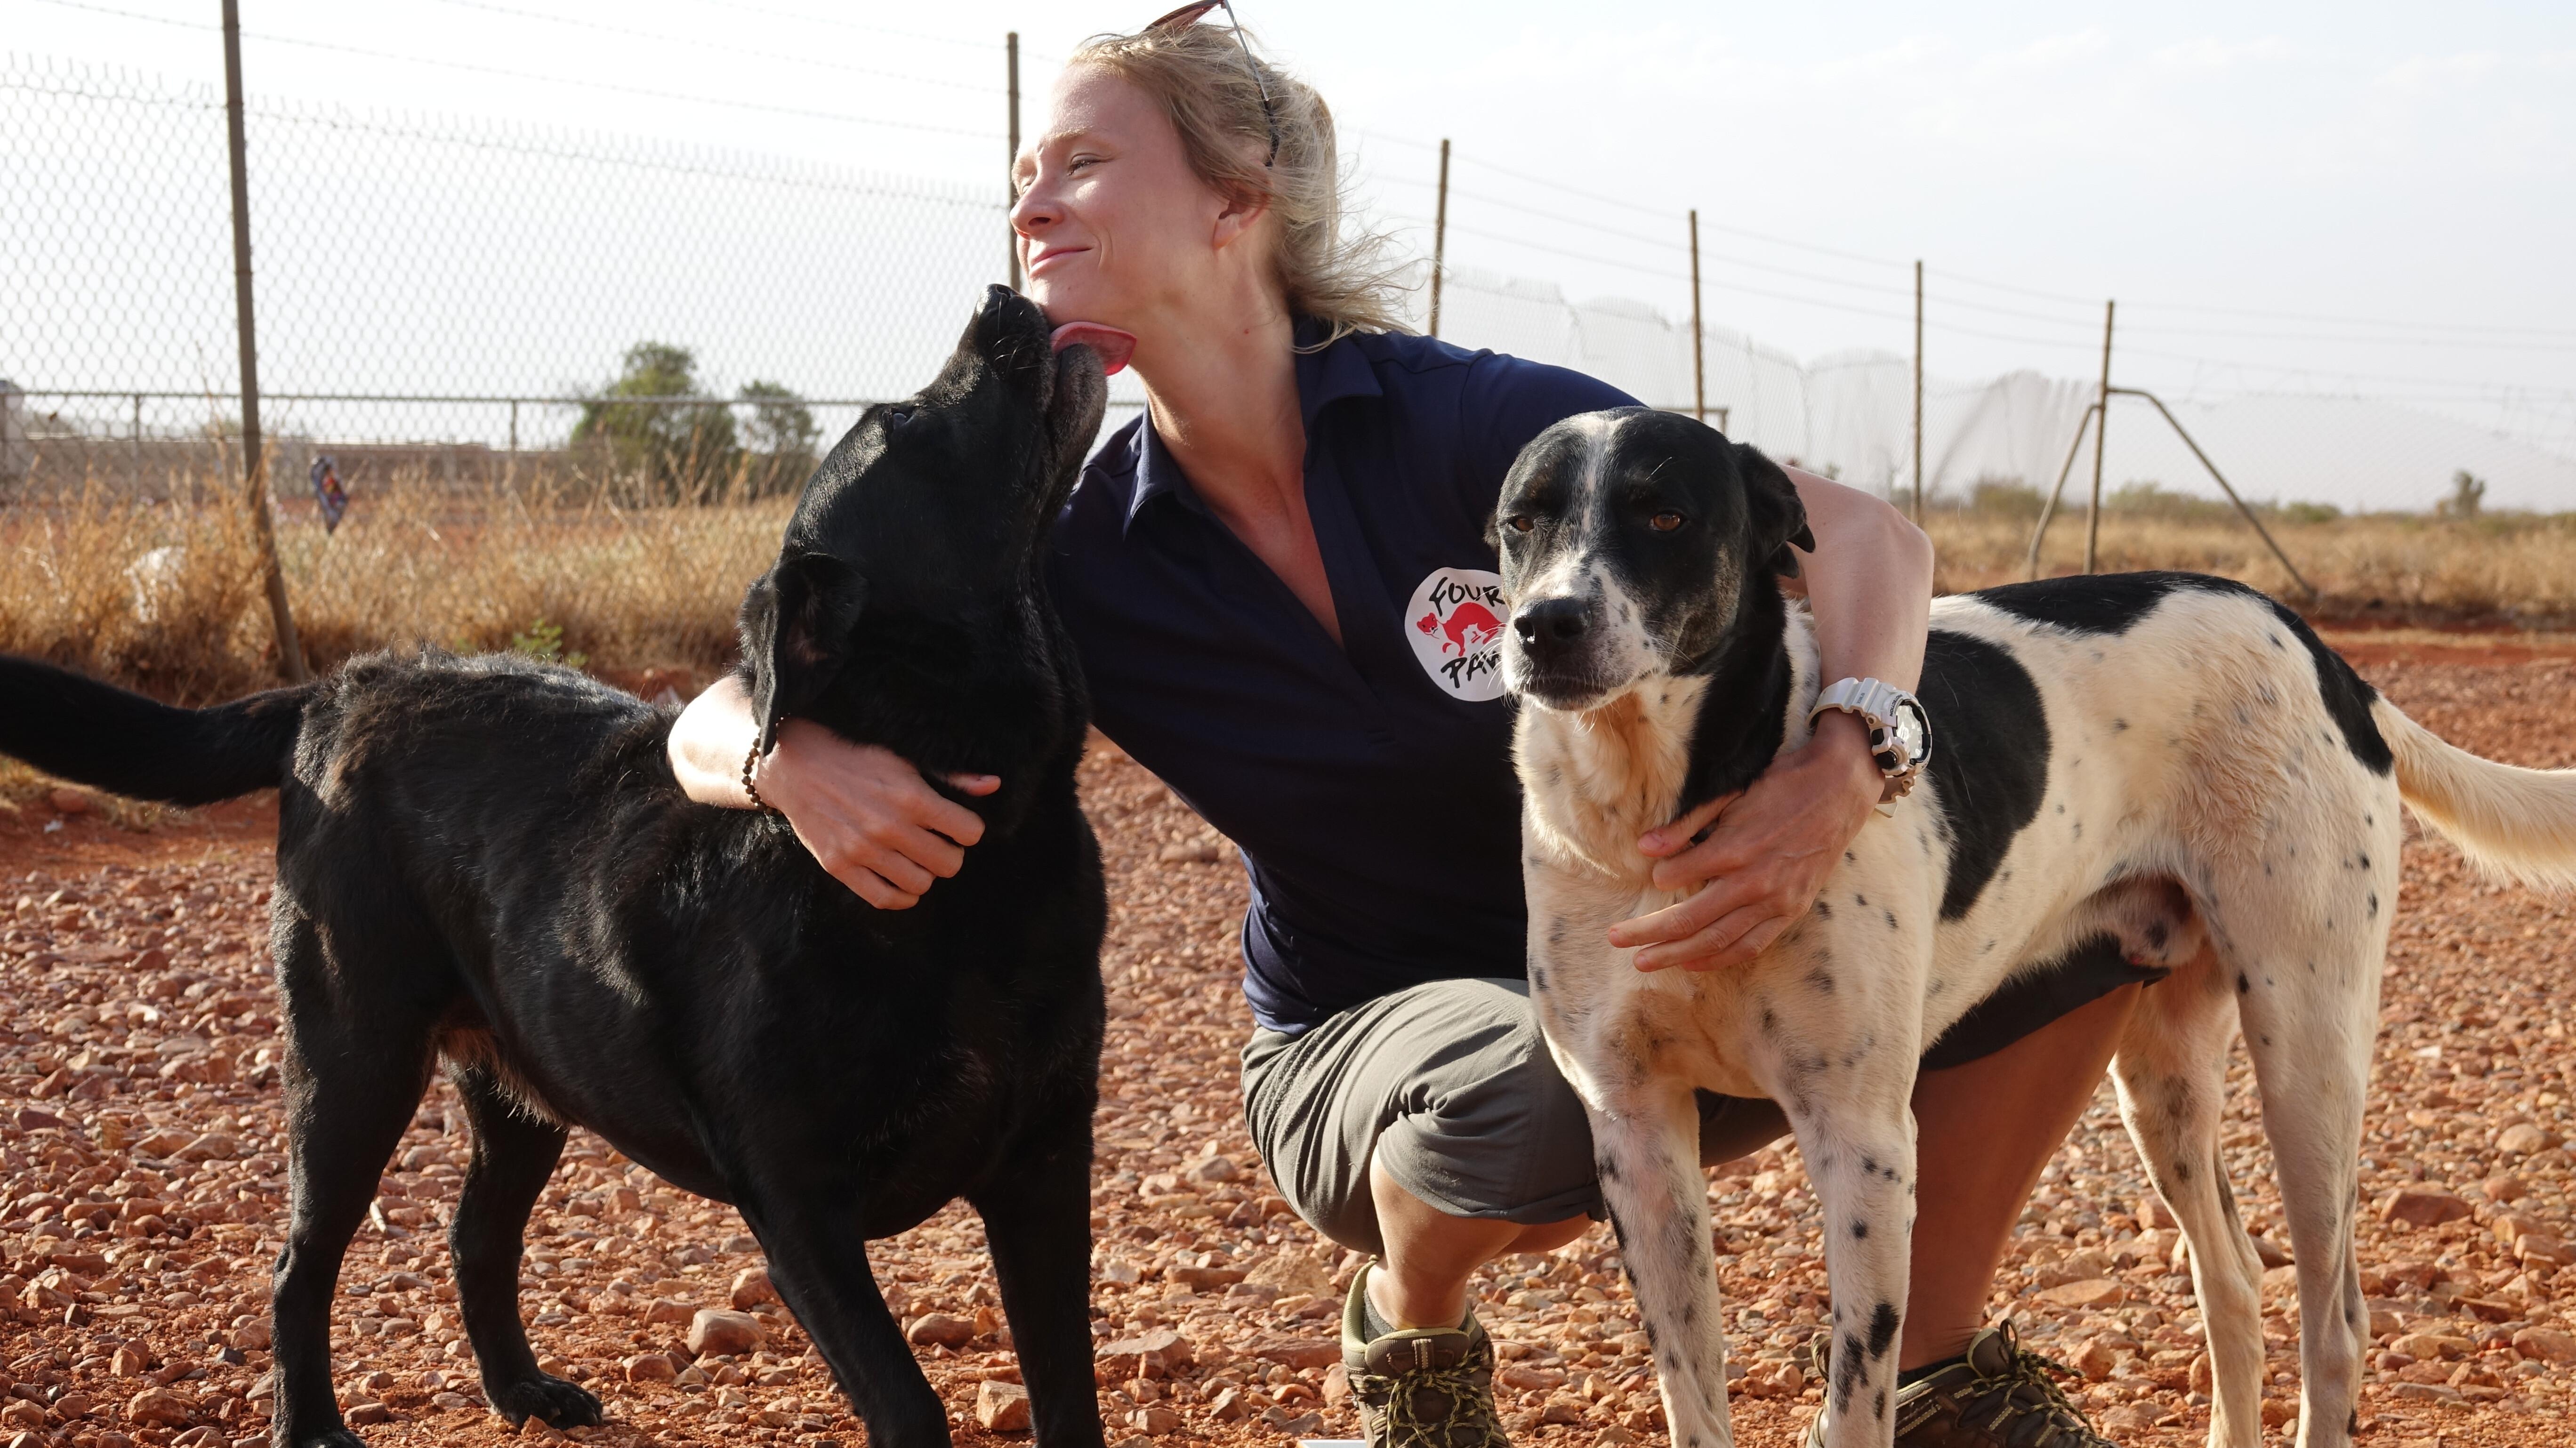 ЧЕТИРИ ЛАПИ служител с две кучета